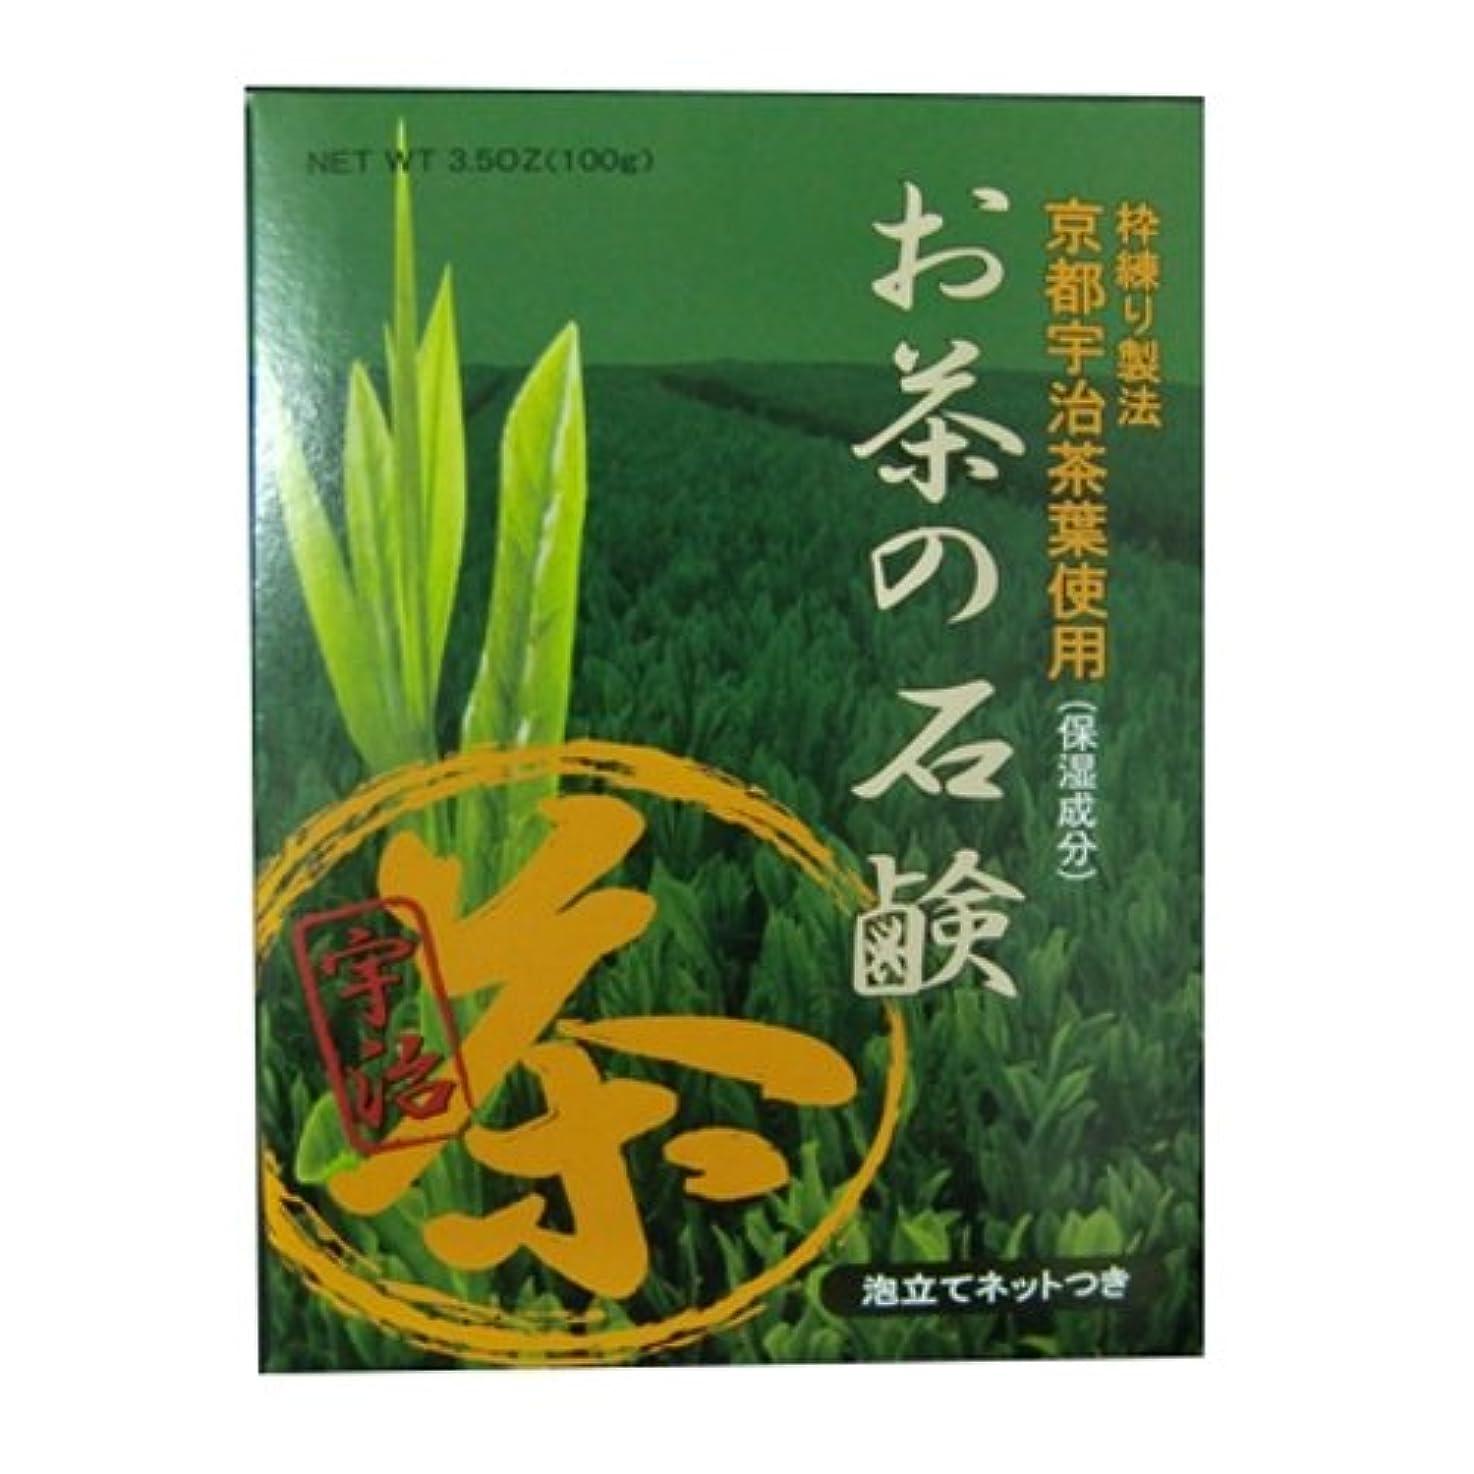 お茶の石鹸 ハーバルグリーンソープ 100g